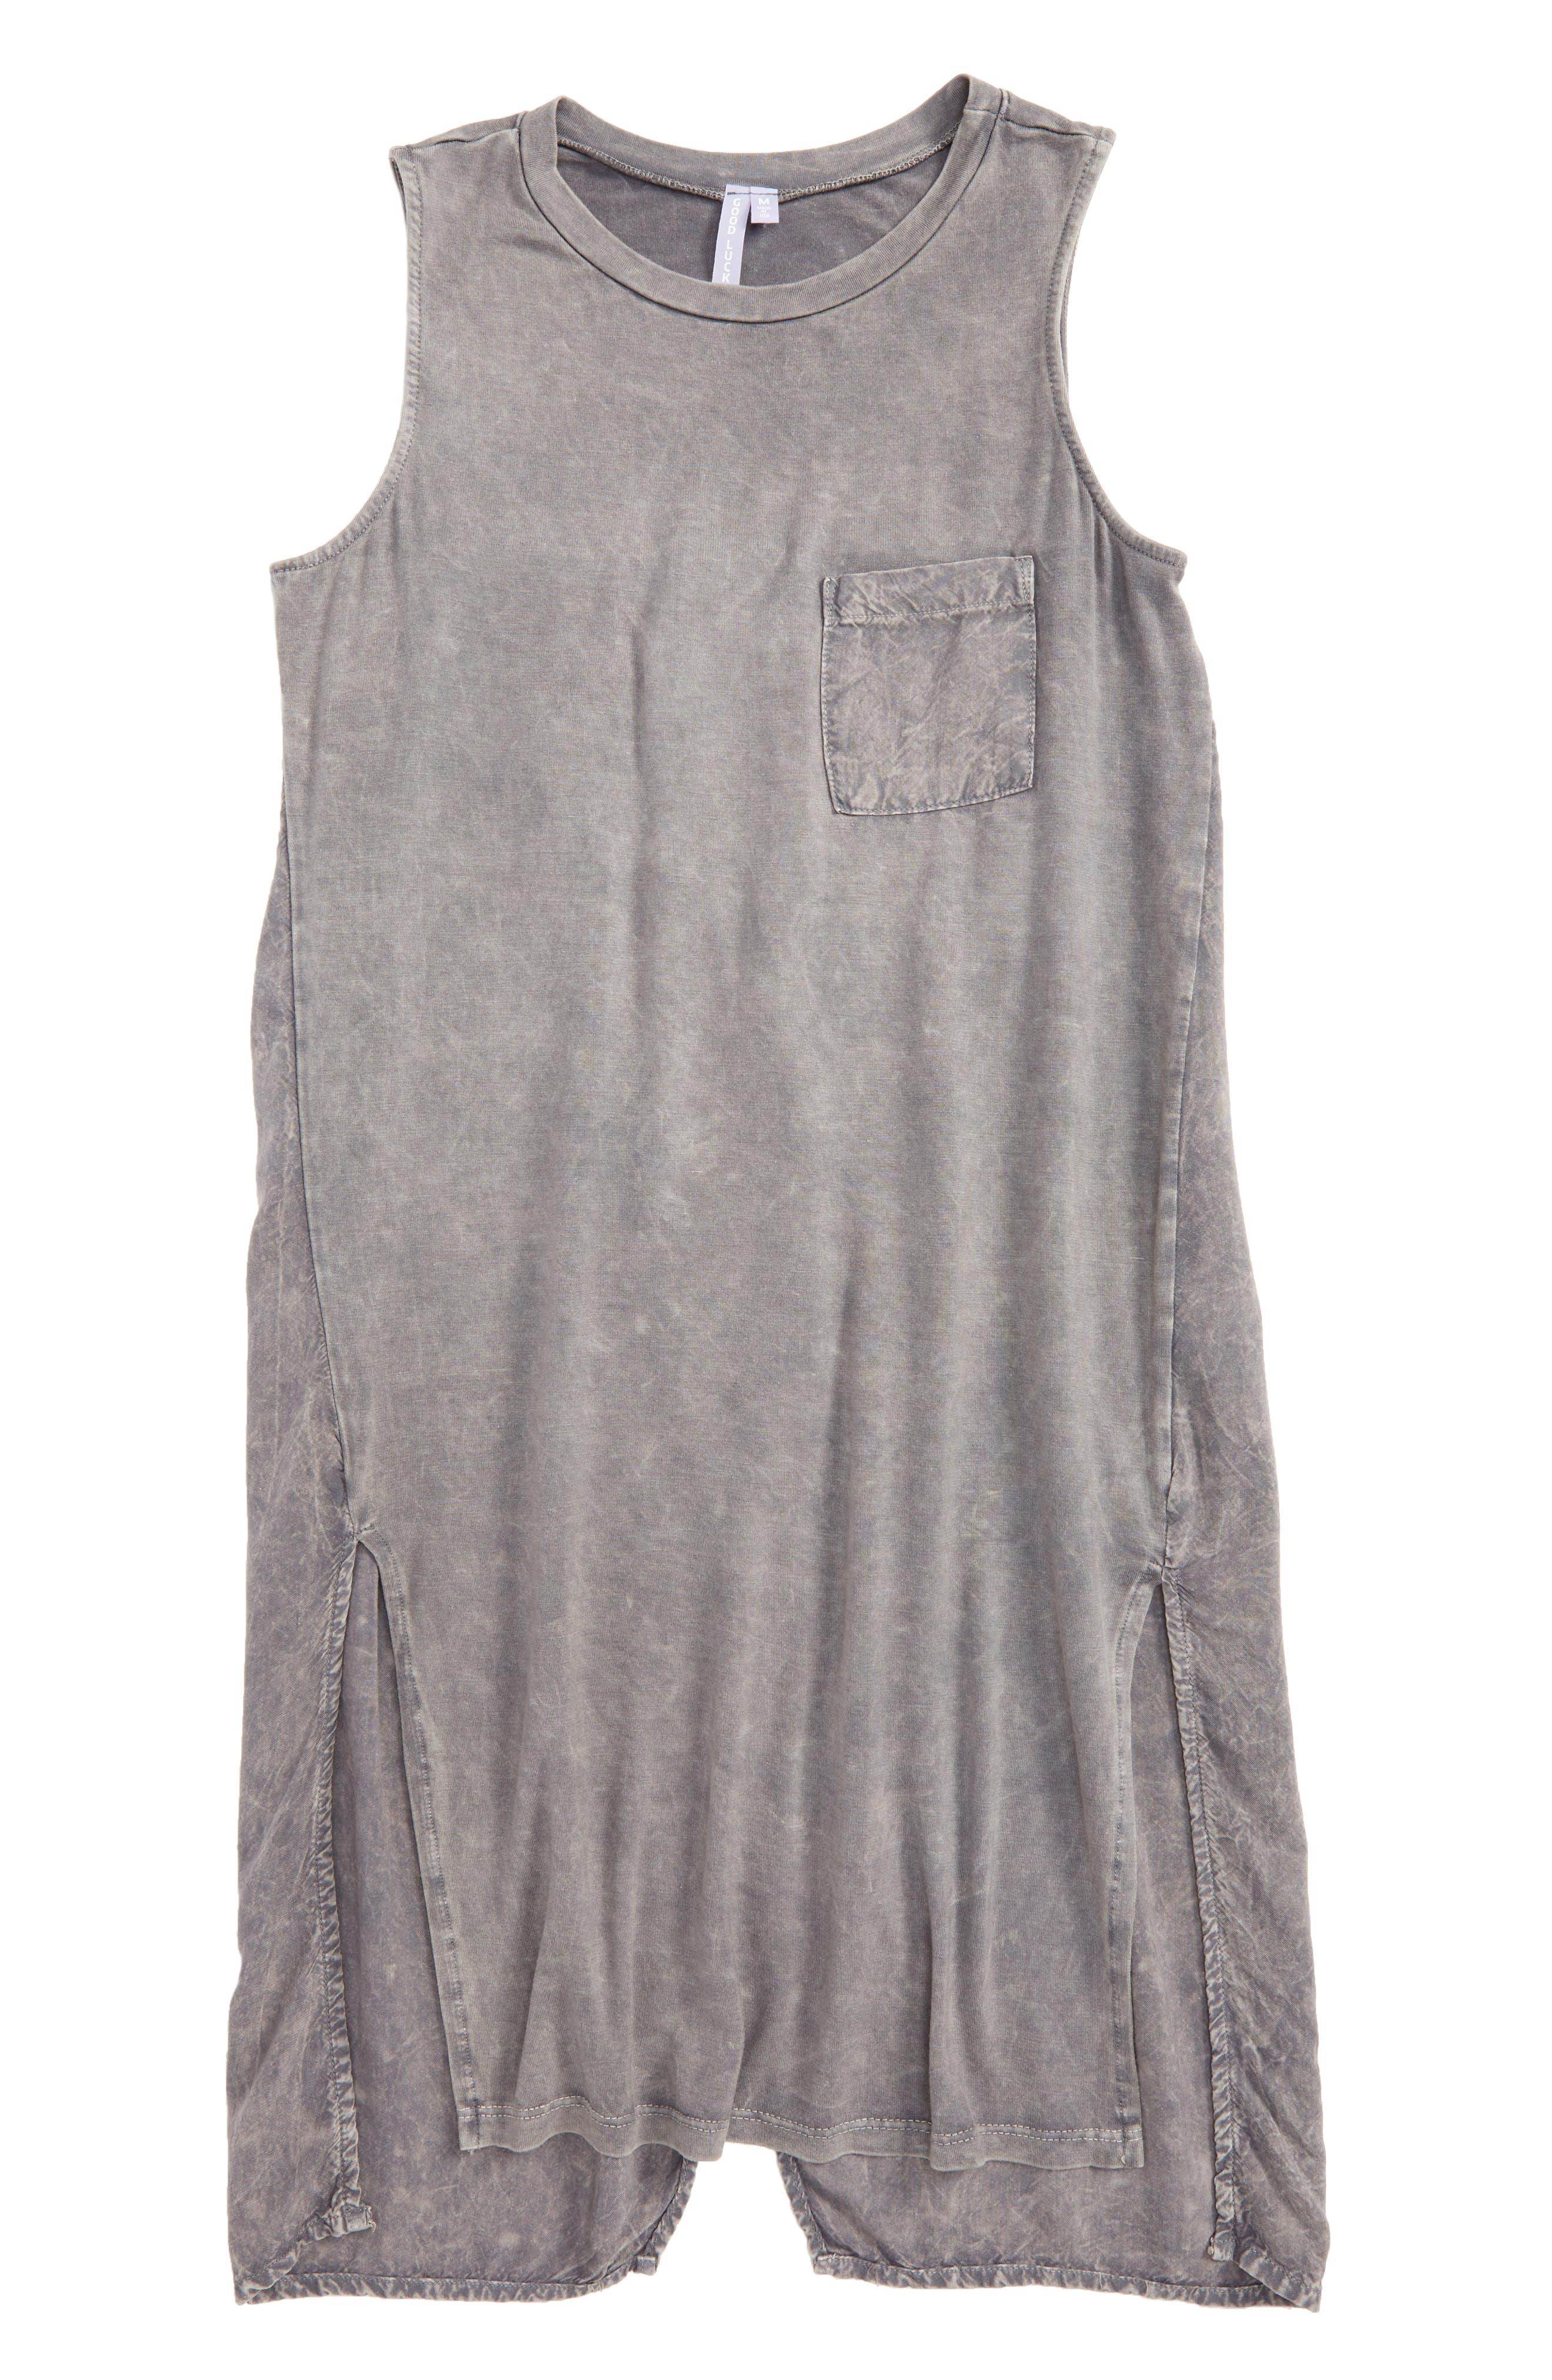 Mineral Wash Sleeveless Tunic,                             Main thumbnail 1, color,                             Charcoal